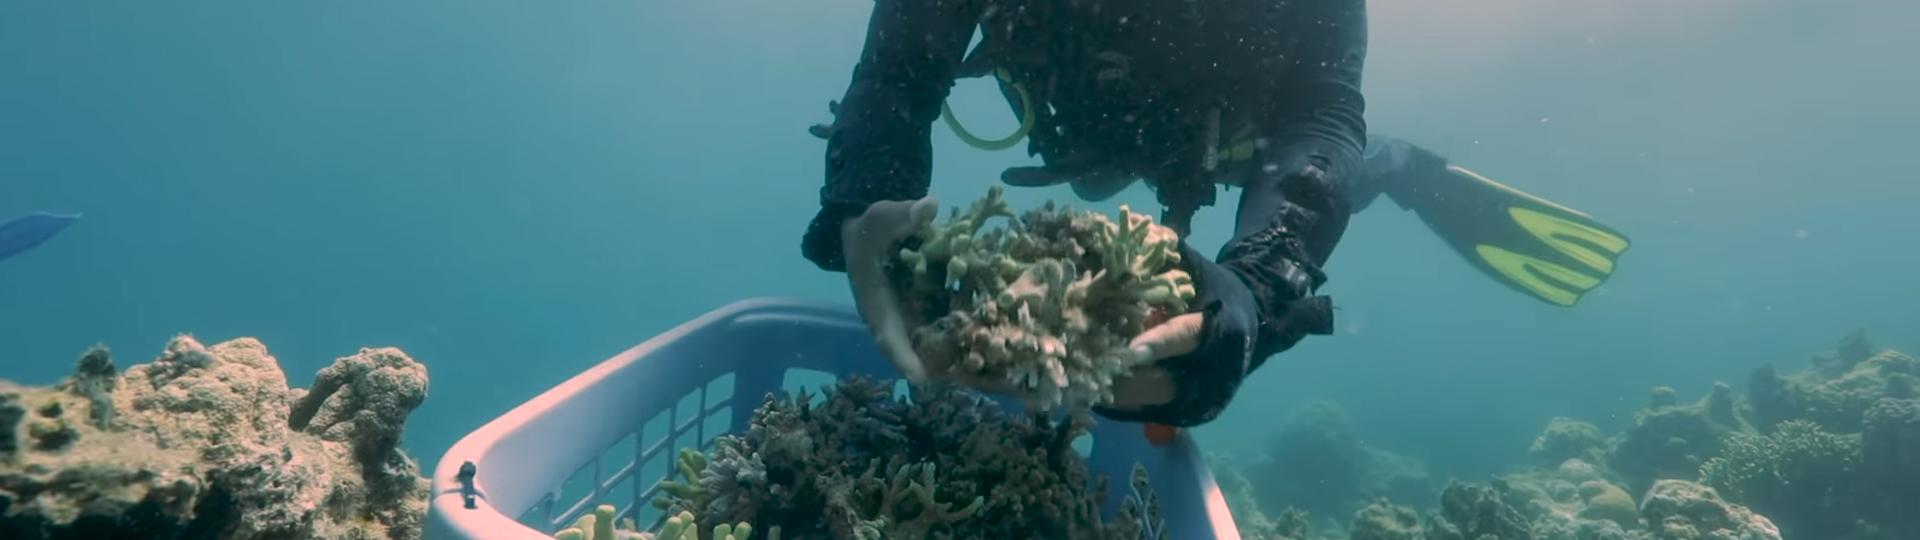 Restauration d'un récif de corail à Bali